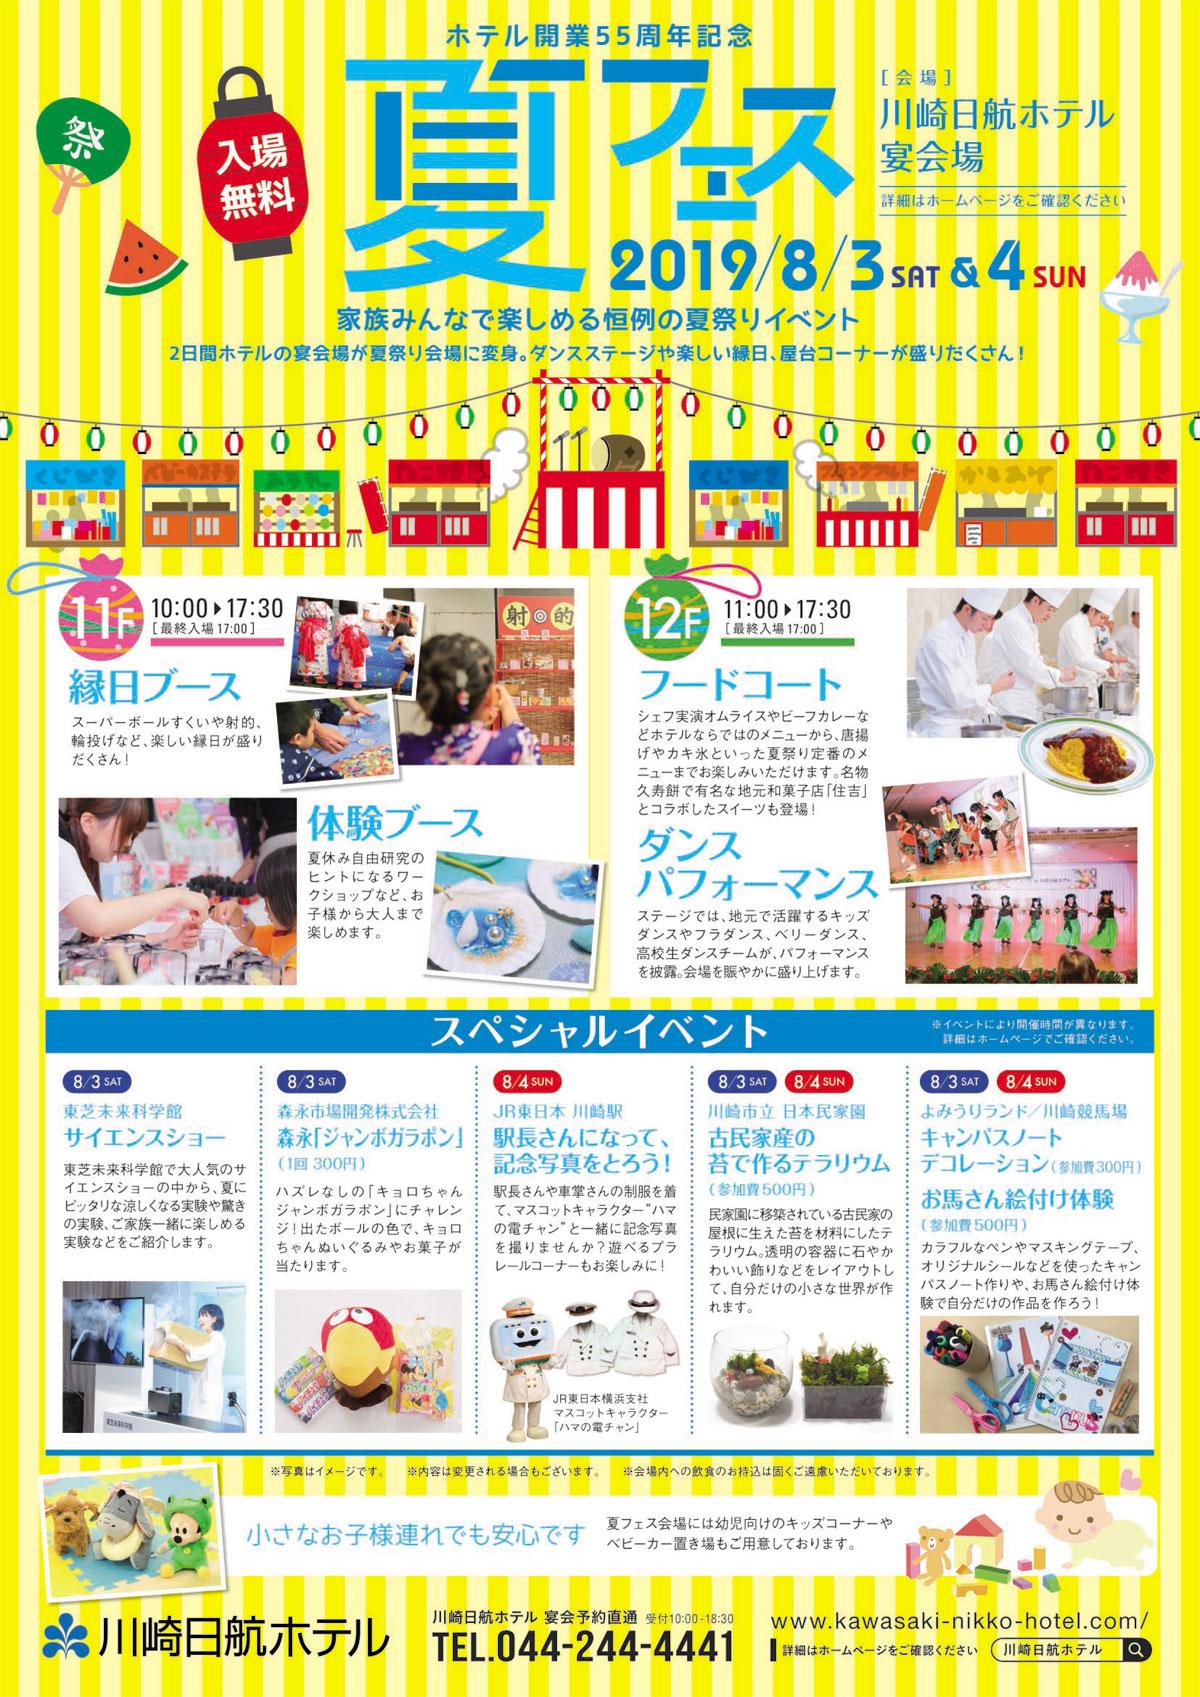 2019年8月4日(日) 川崎日航ホテル夏フェス